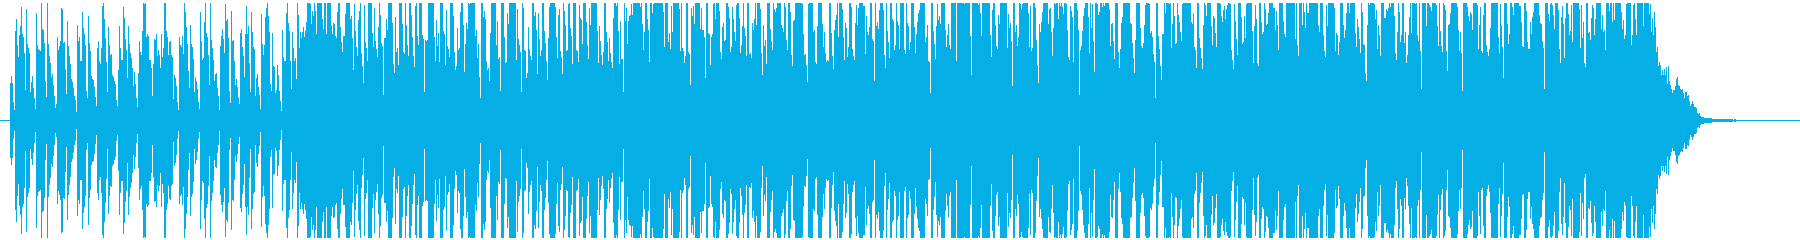 壮大 バンド 振りかぶり アクティ...の再生済みの波形